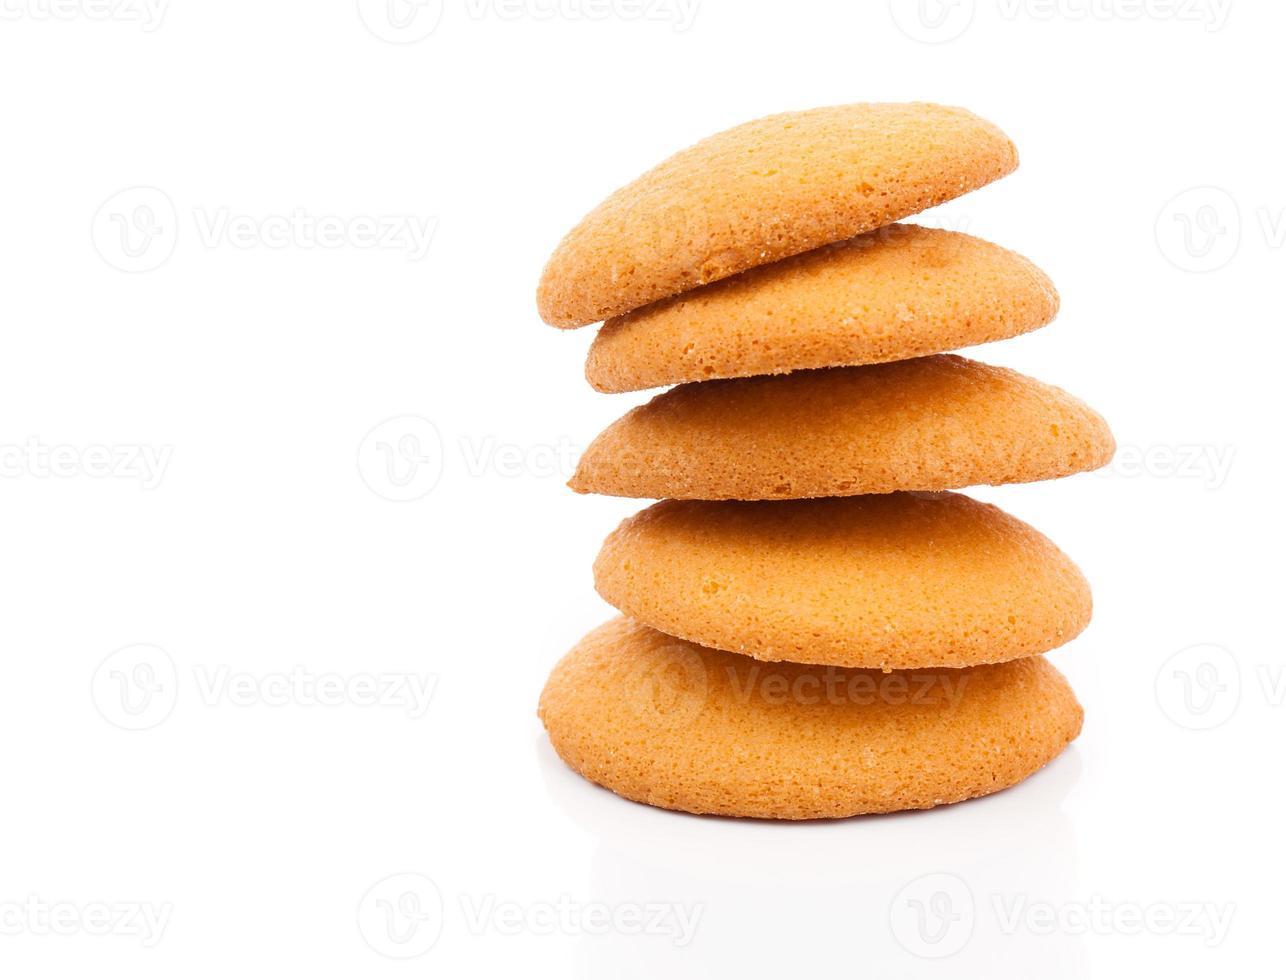 koekjes, stapel koekjes foto